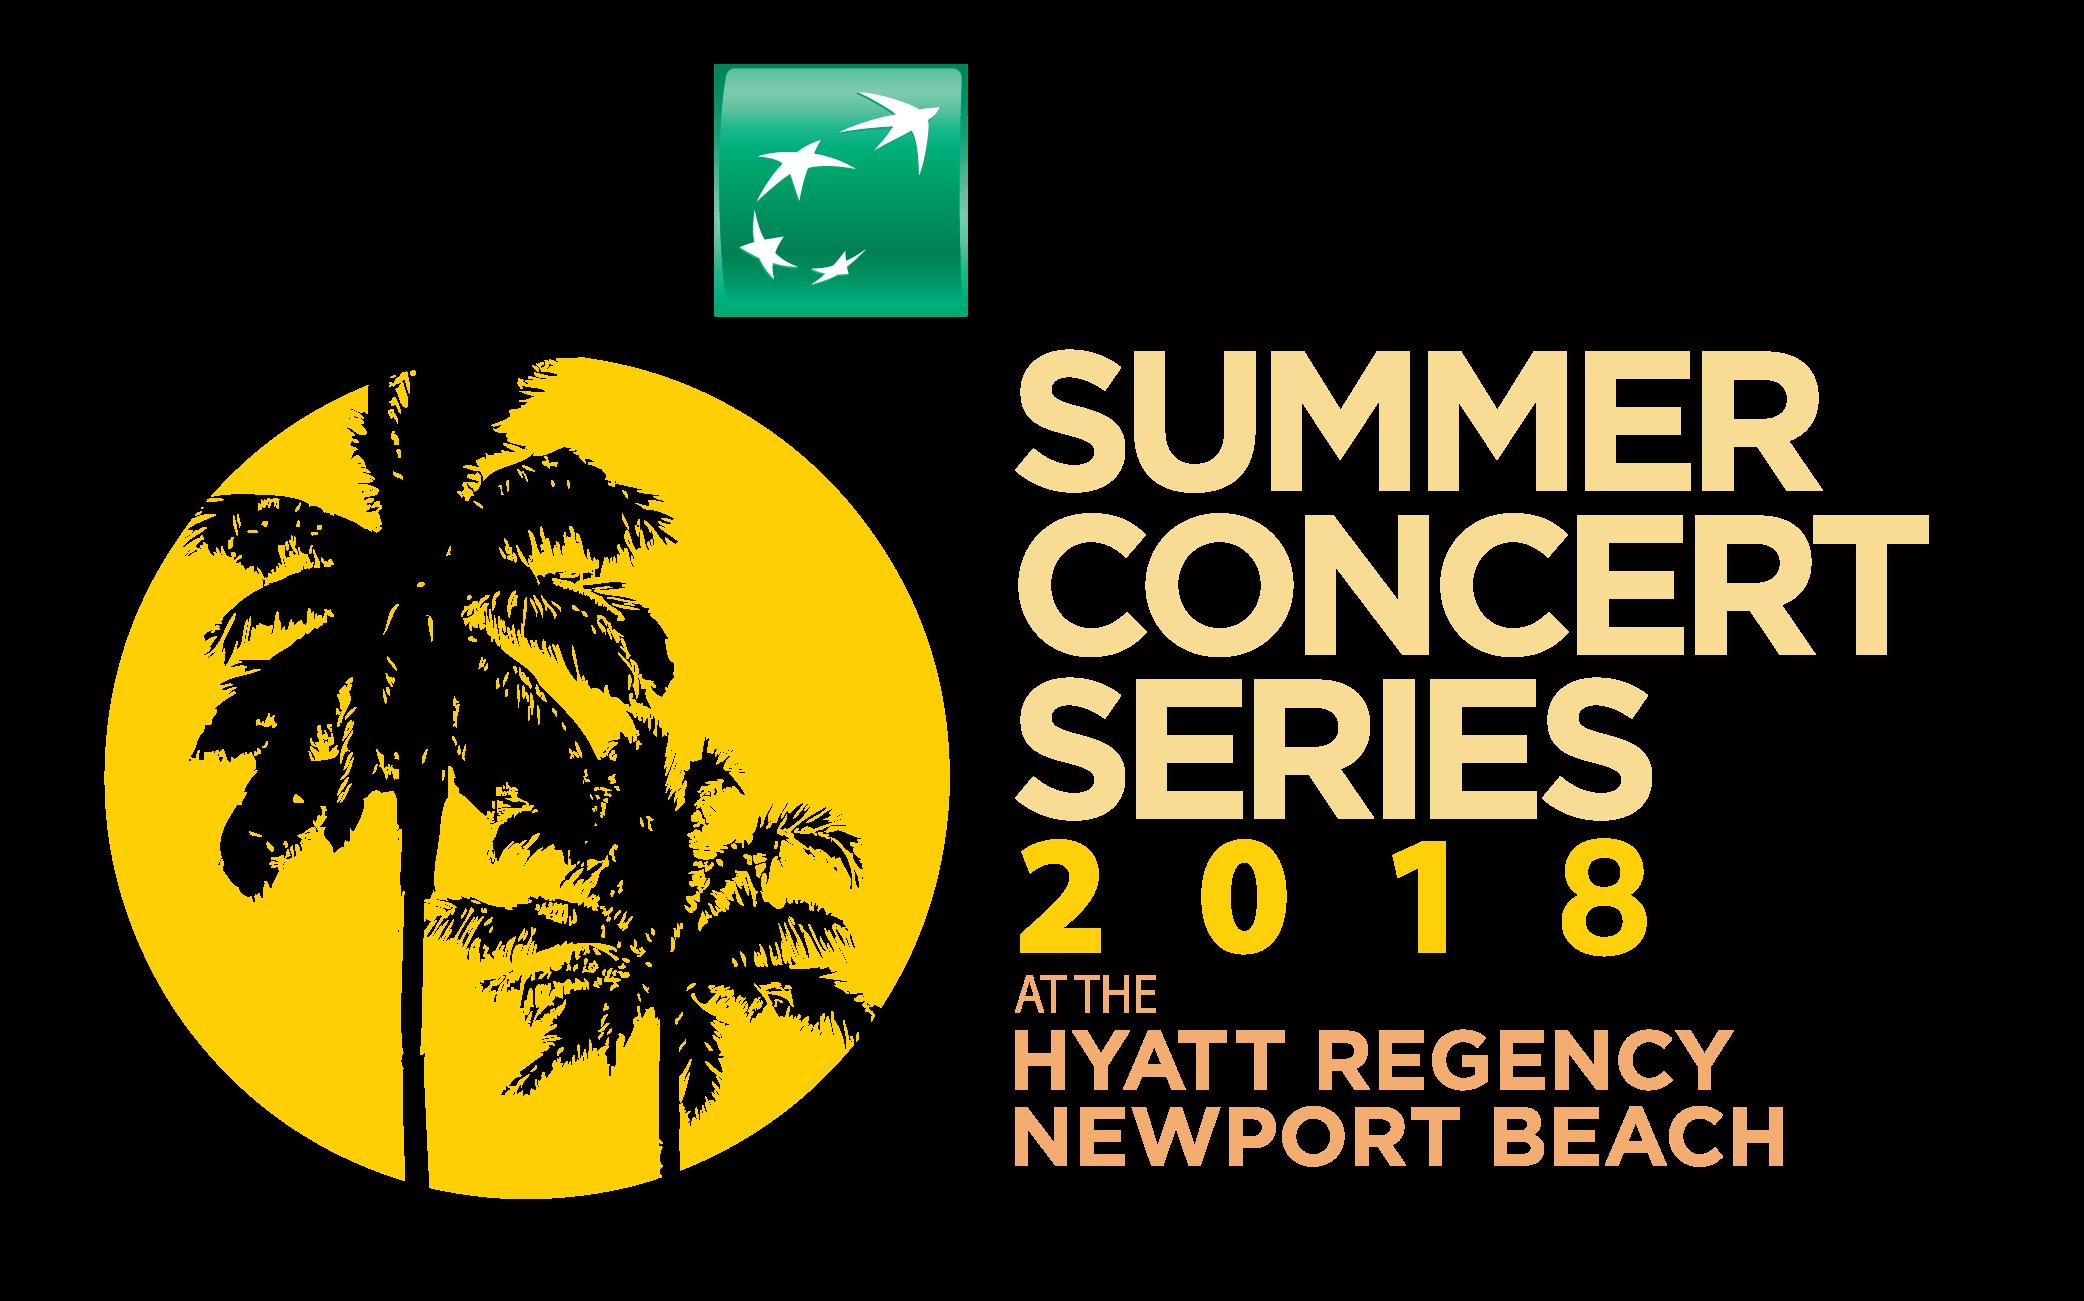 Hyatt Newport Beach Summer Concert Series 2018